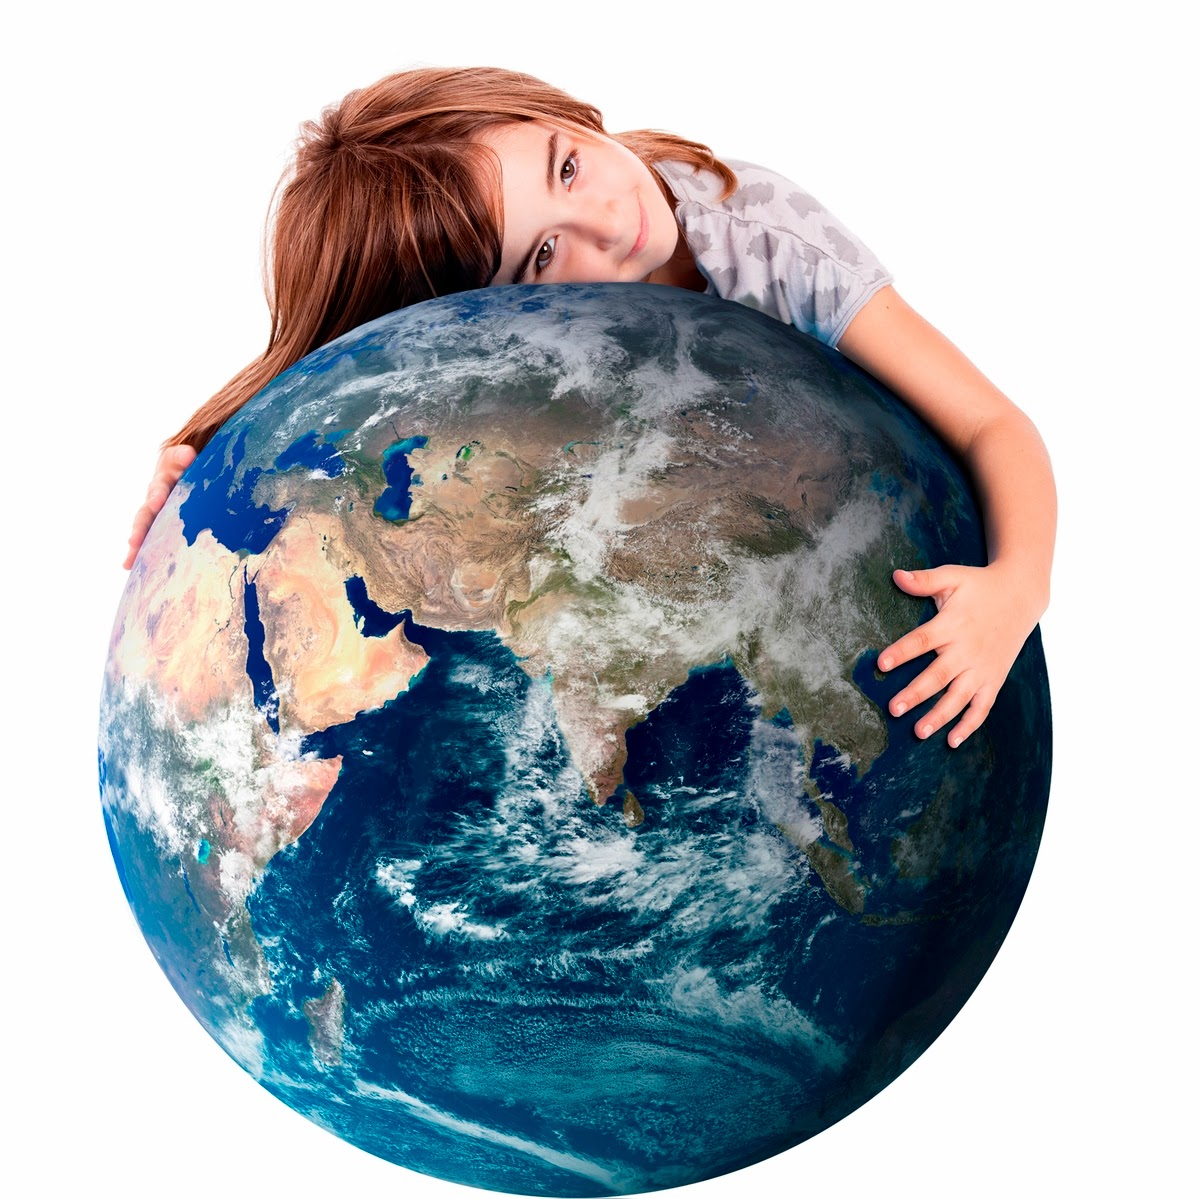 самые мы живем на одной планете фото берёт